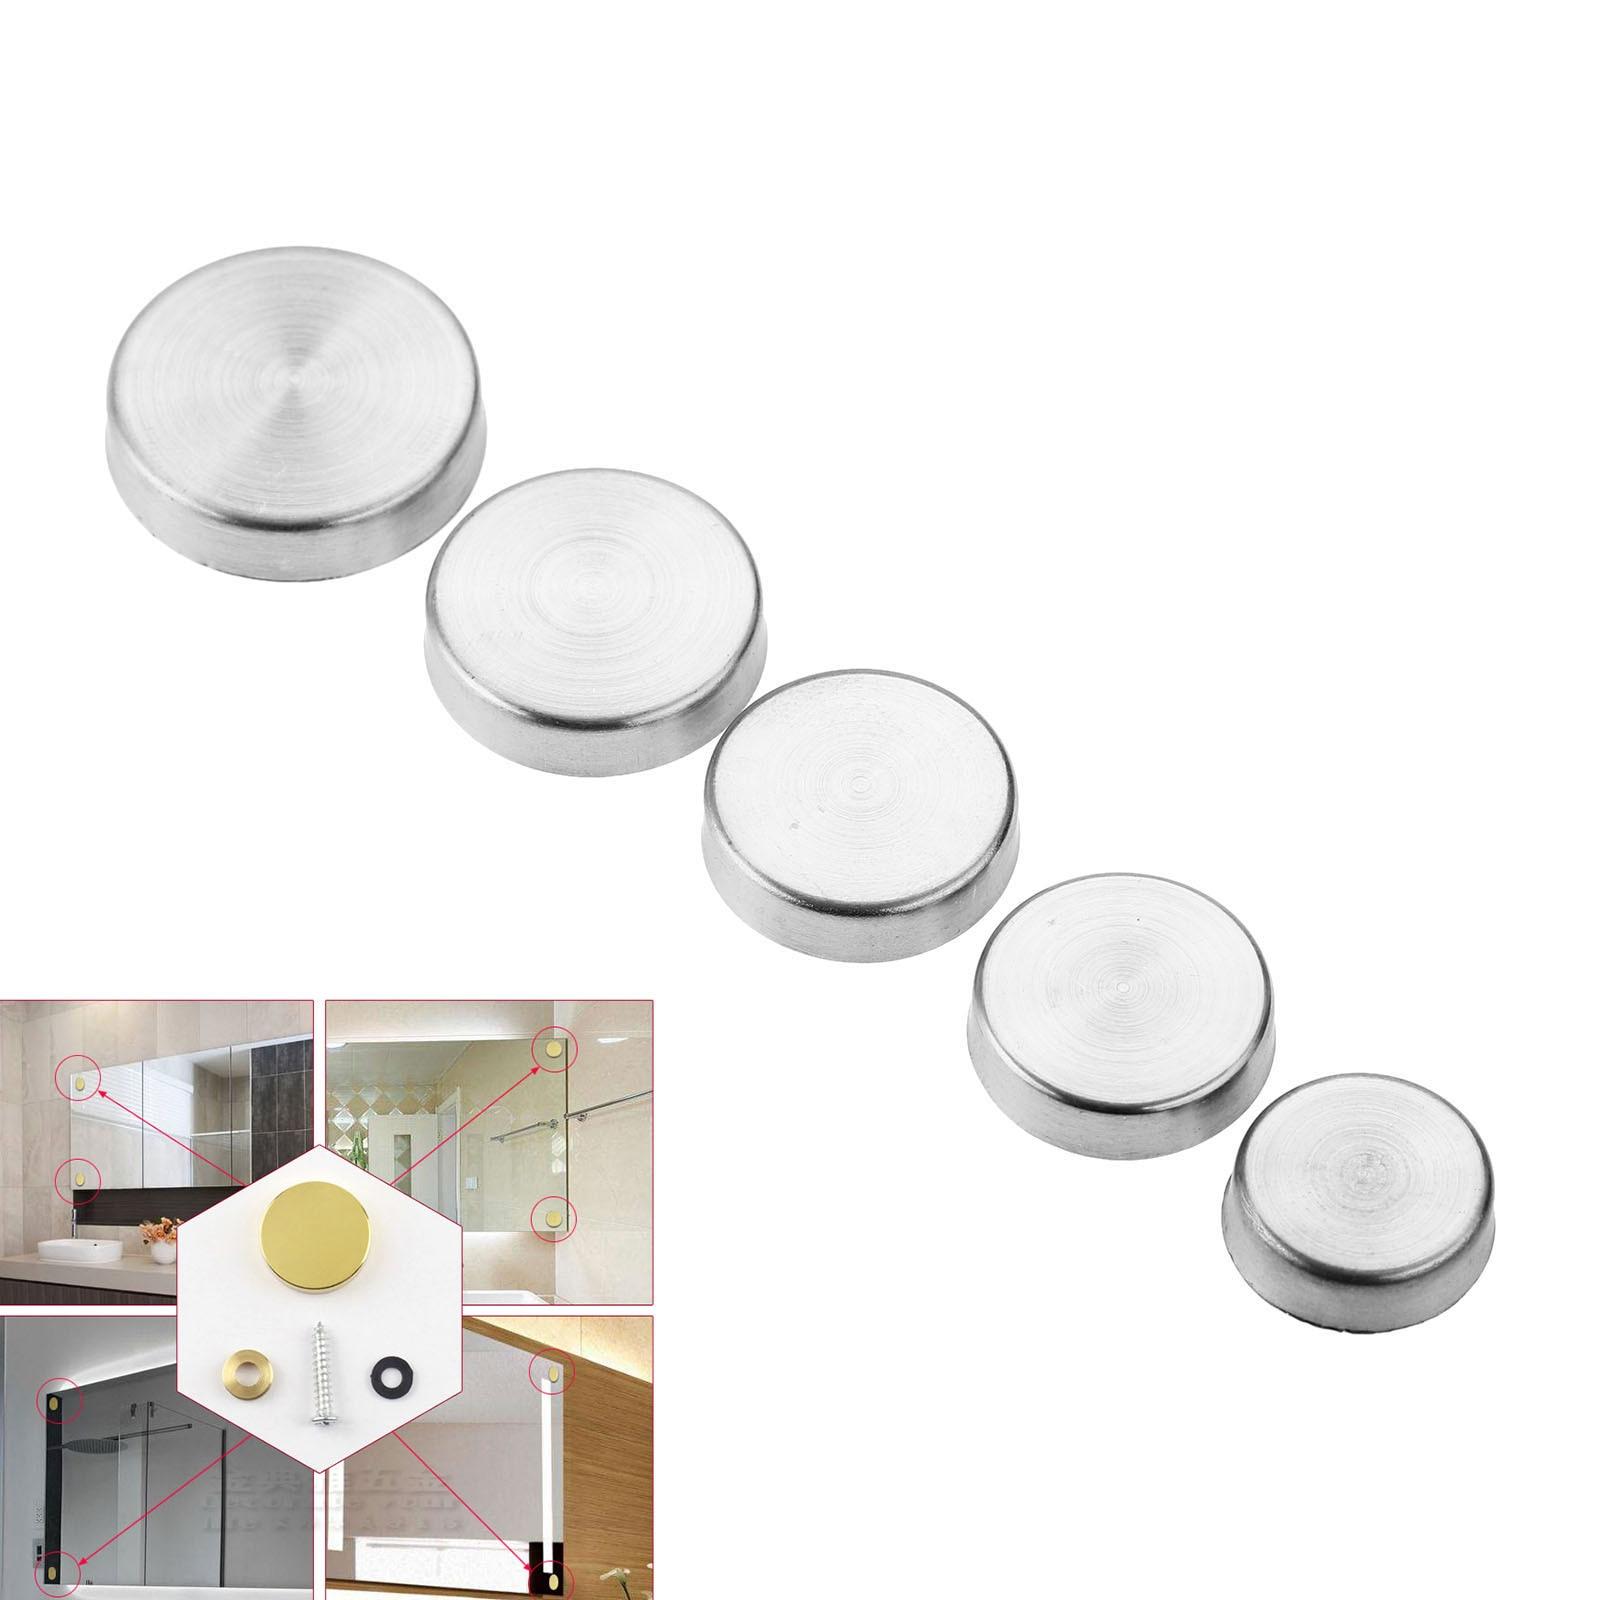 20 pçs de aço inoxidável espelho decorativo parafuso tampa unhas parafuso cobre fixadores & ganchos móveis ferragem 16/18/20/22/25mm